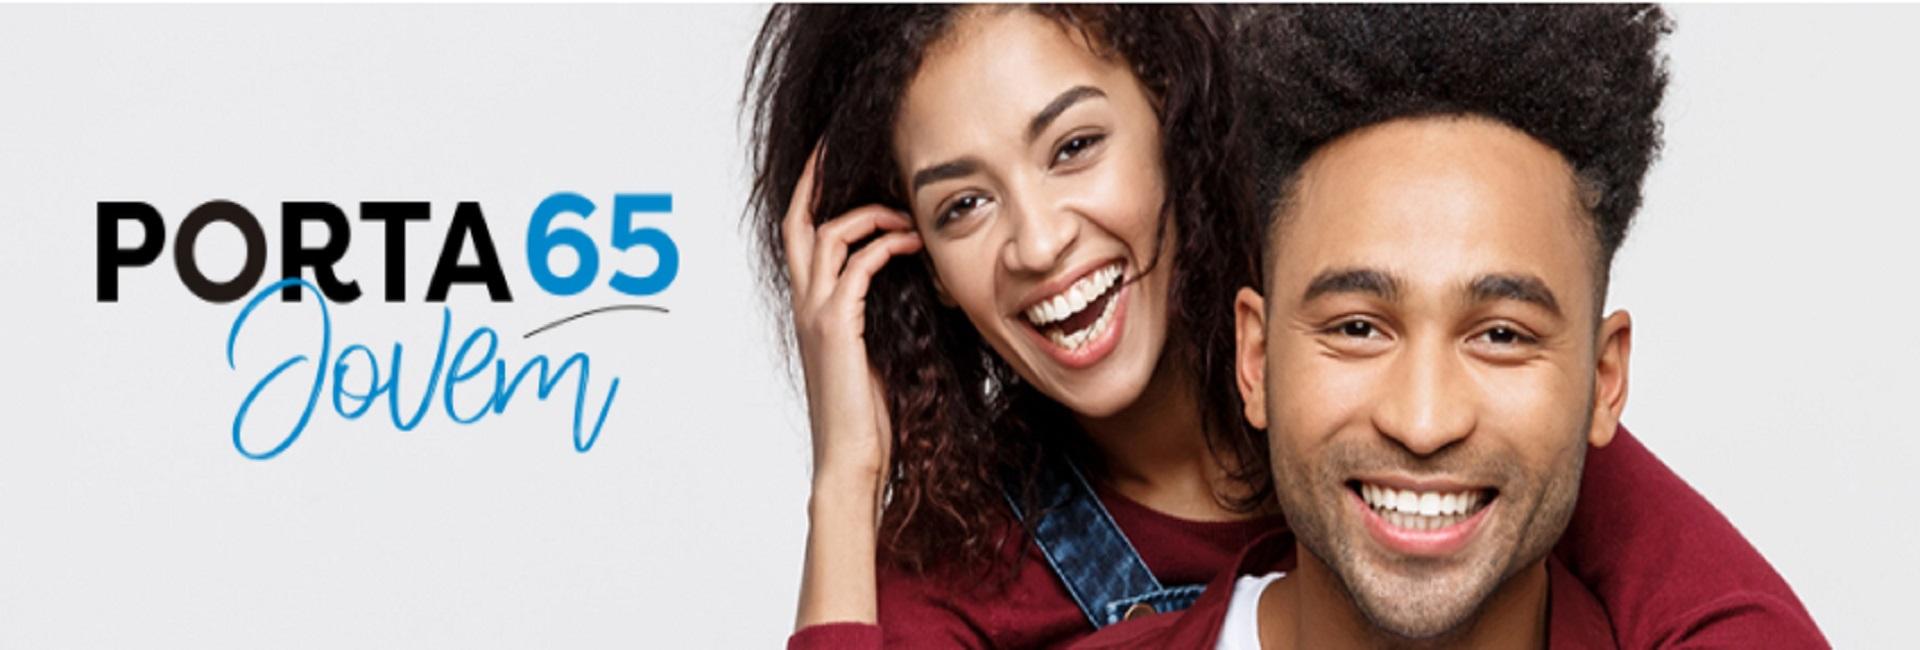 Programa Porta 65 – Apoio ao Arrendamento Jovem – com novo período de candidaturas